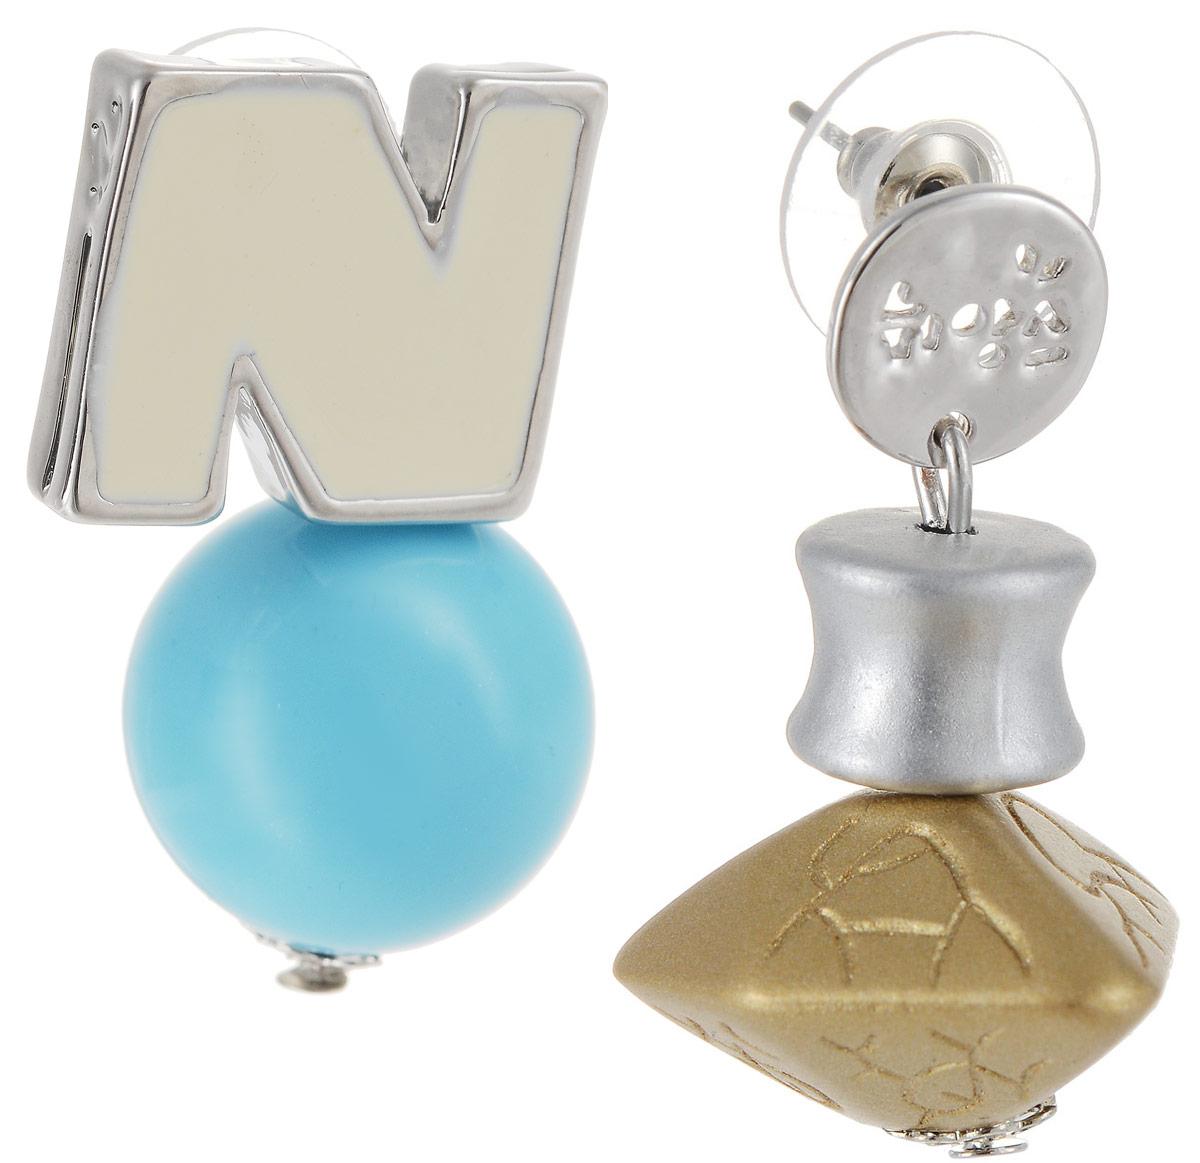 Серьги Art-Silver, цвет: серебряный. СРГГ44-332СРГГ44-332Бижутерный сплав, полимер, эмаль.